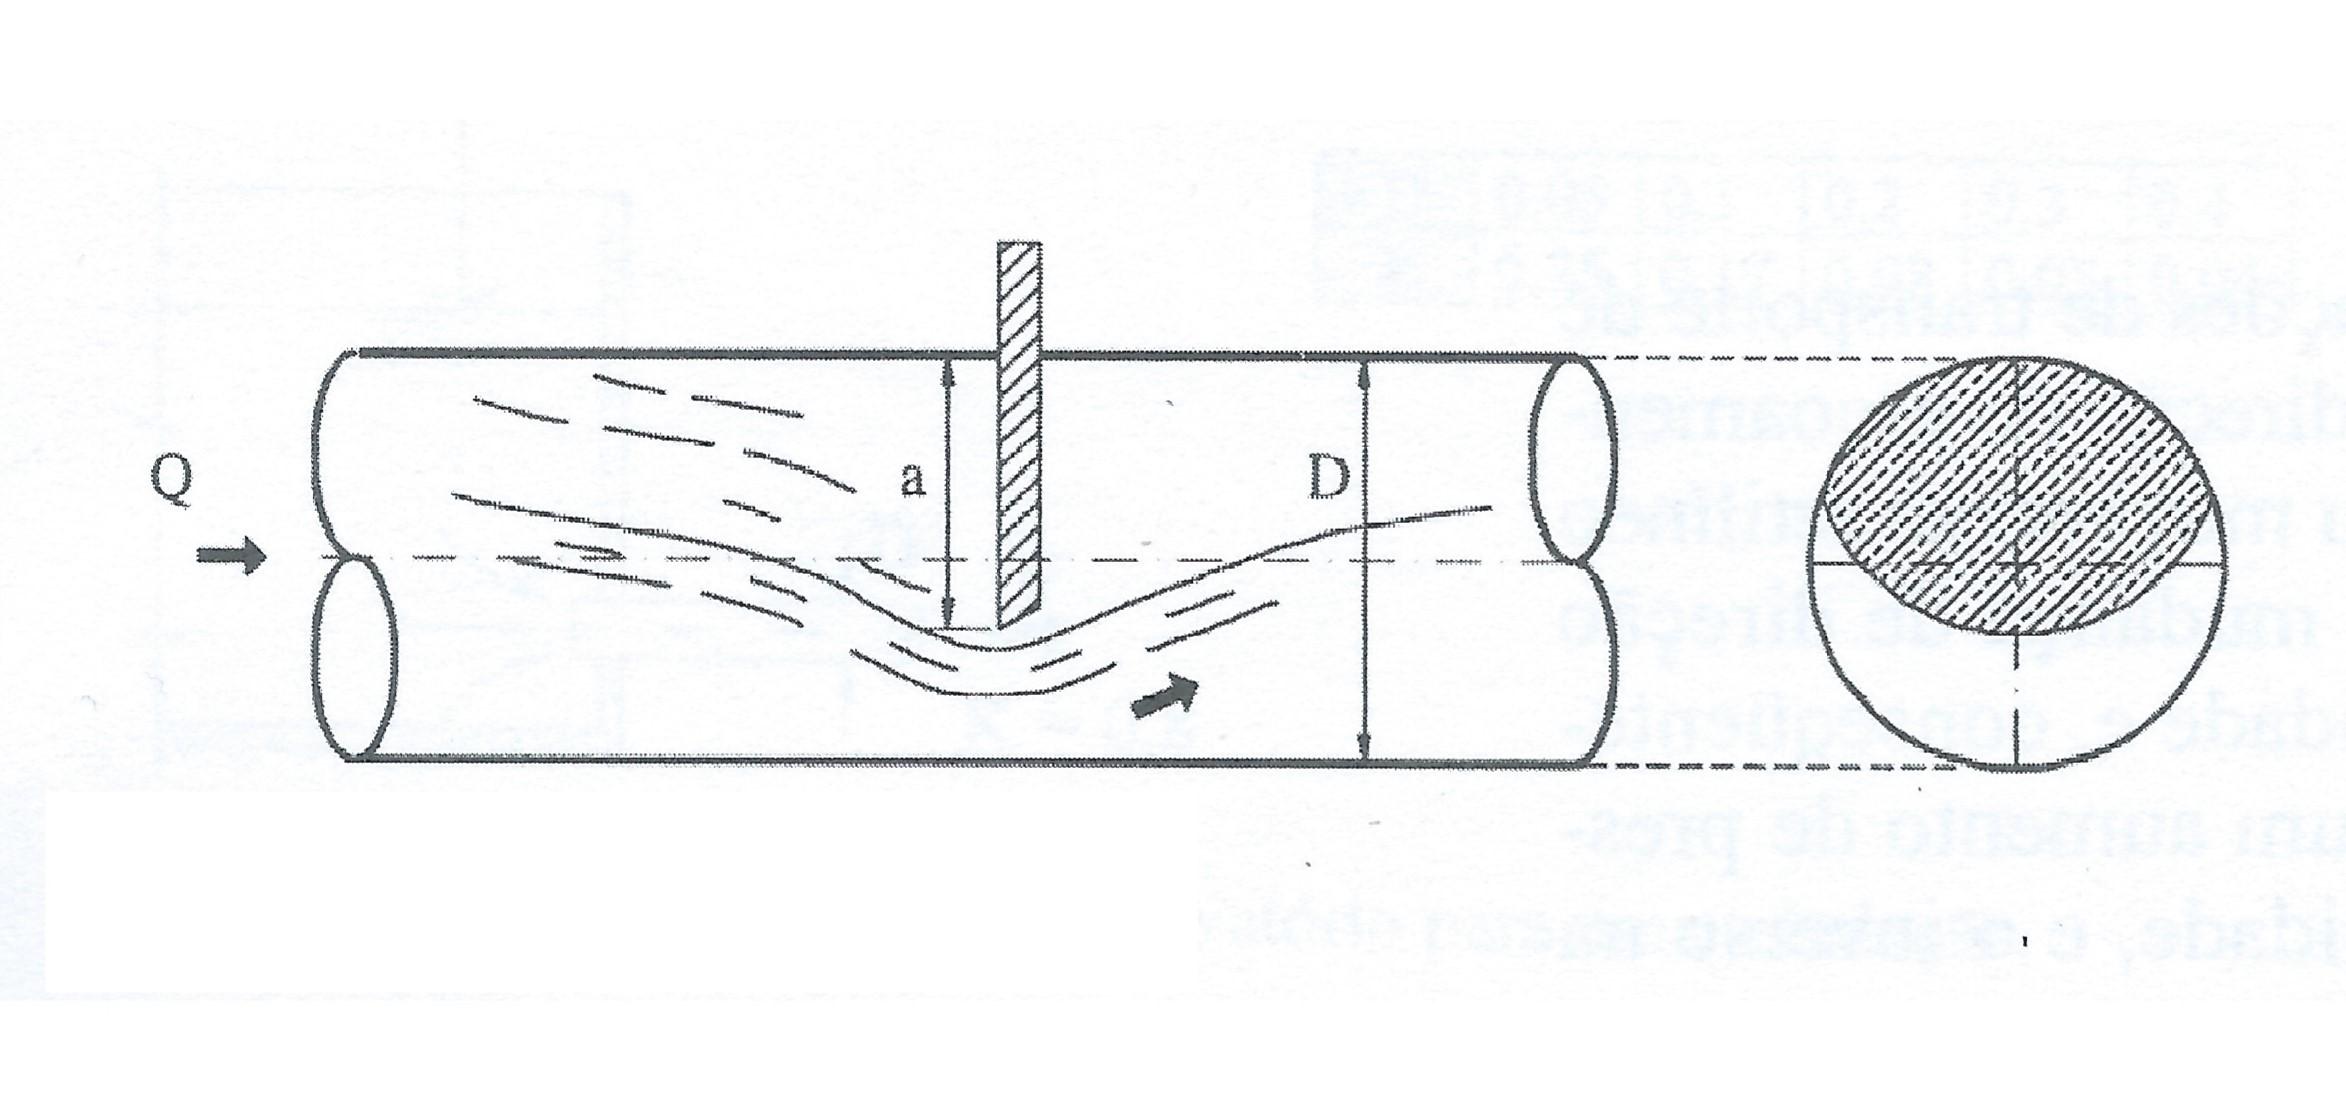 Desenho esquemático do registro de gaveta.